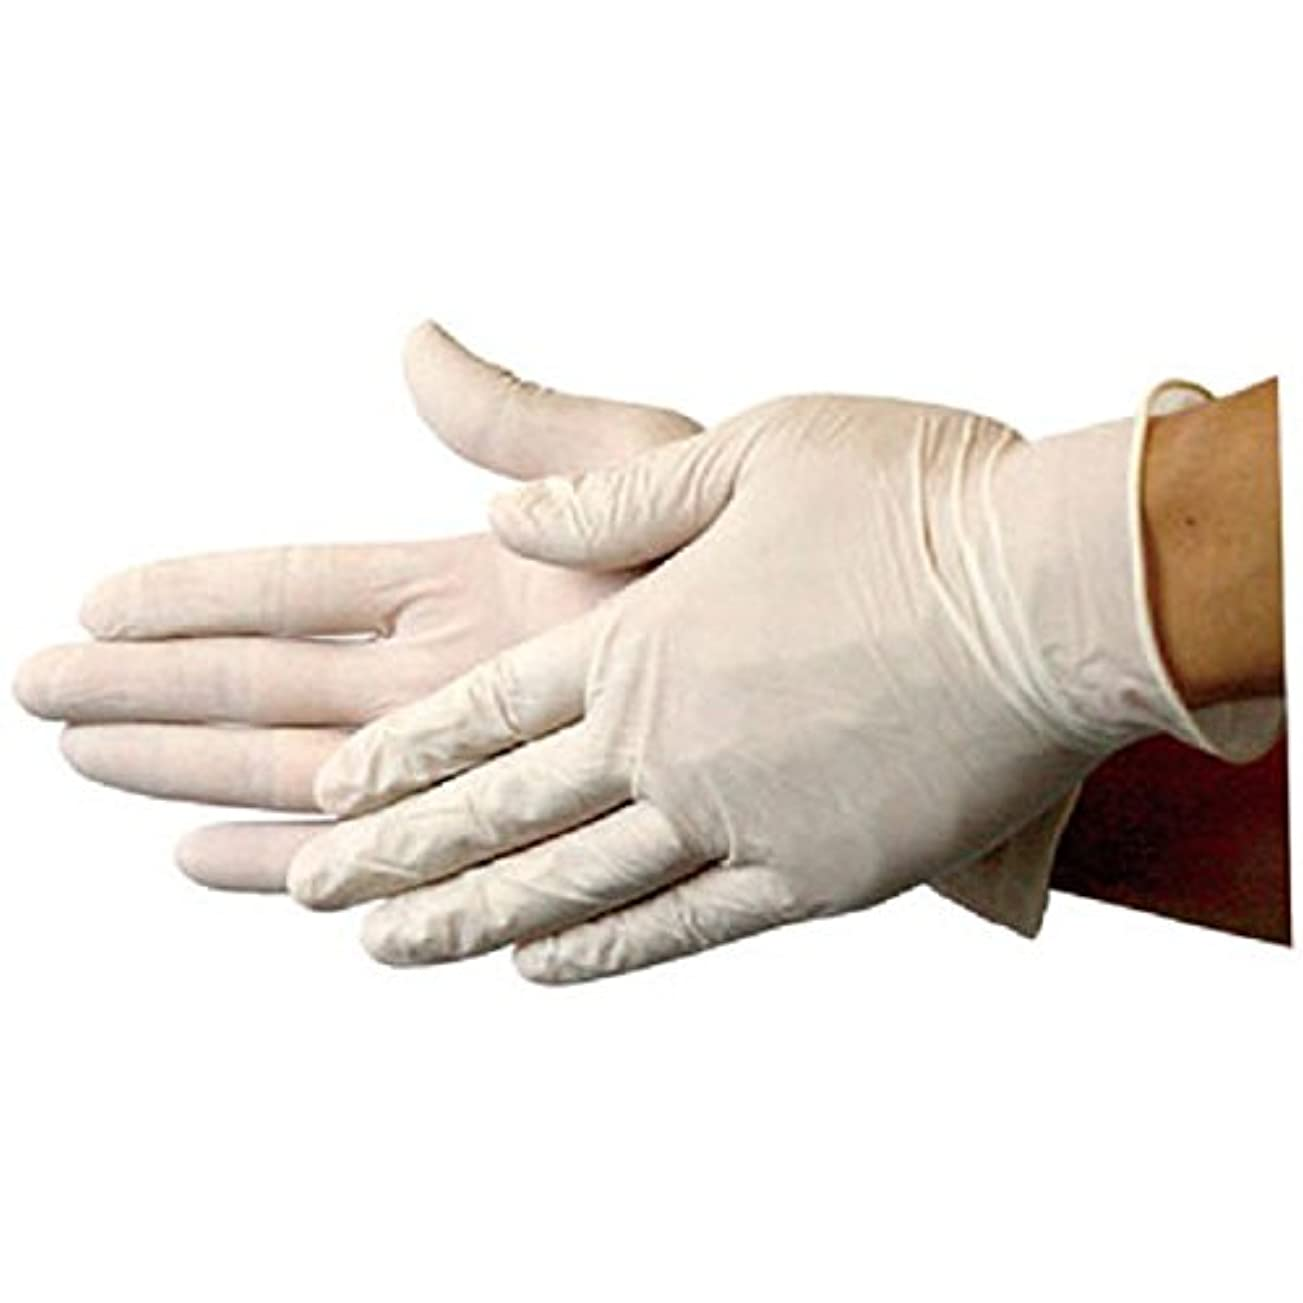 開いた昆虫を見る否認するラテックス手袋(M) 100枚 業務用手袋(EG?????750白)